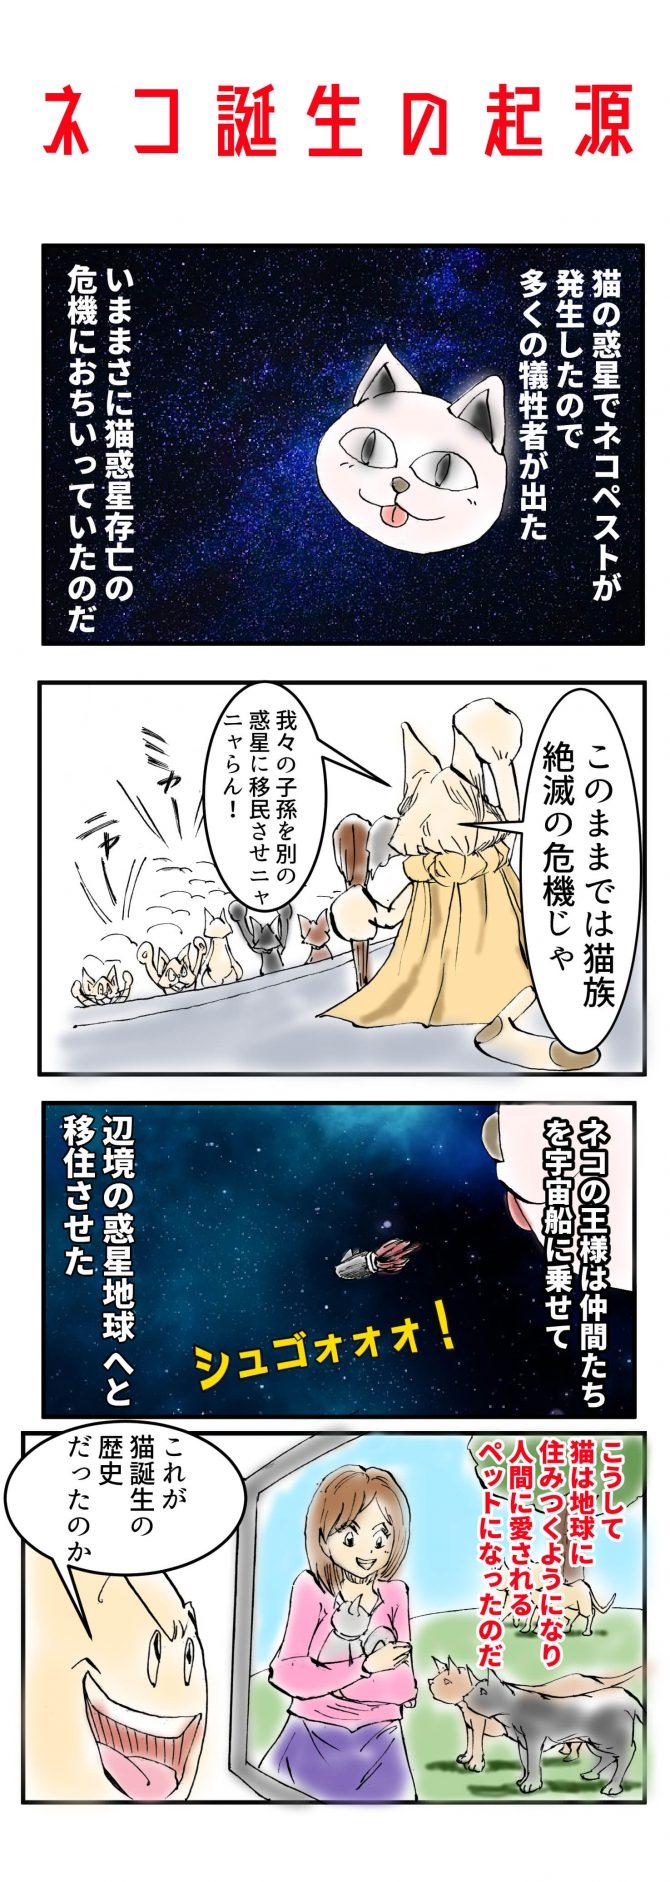 猫,宇宙,惑星